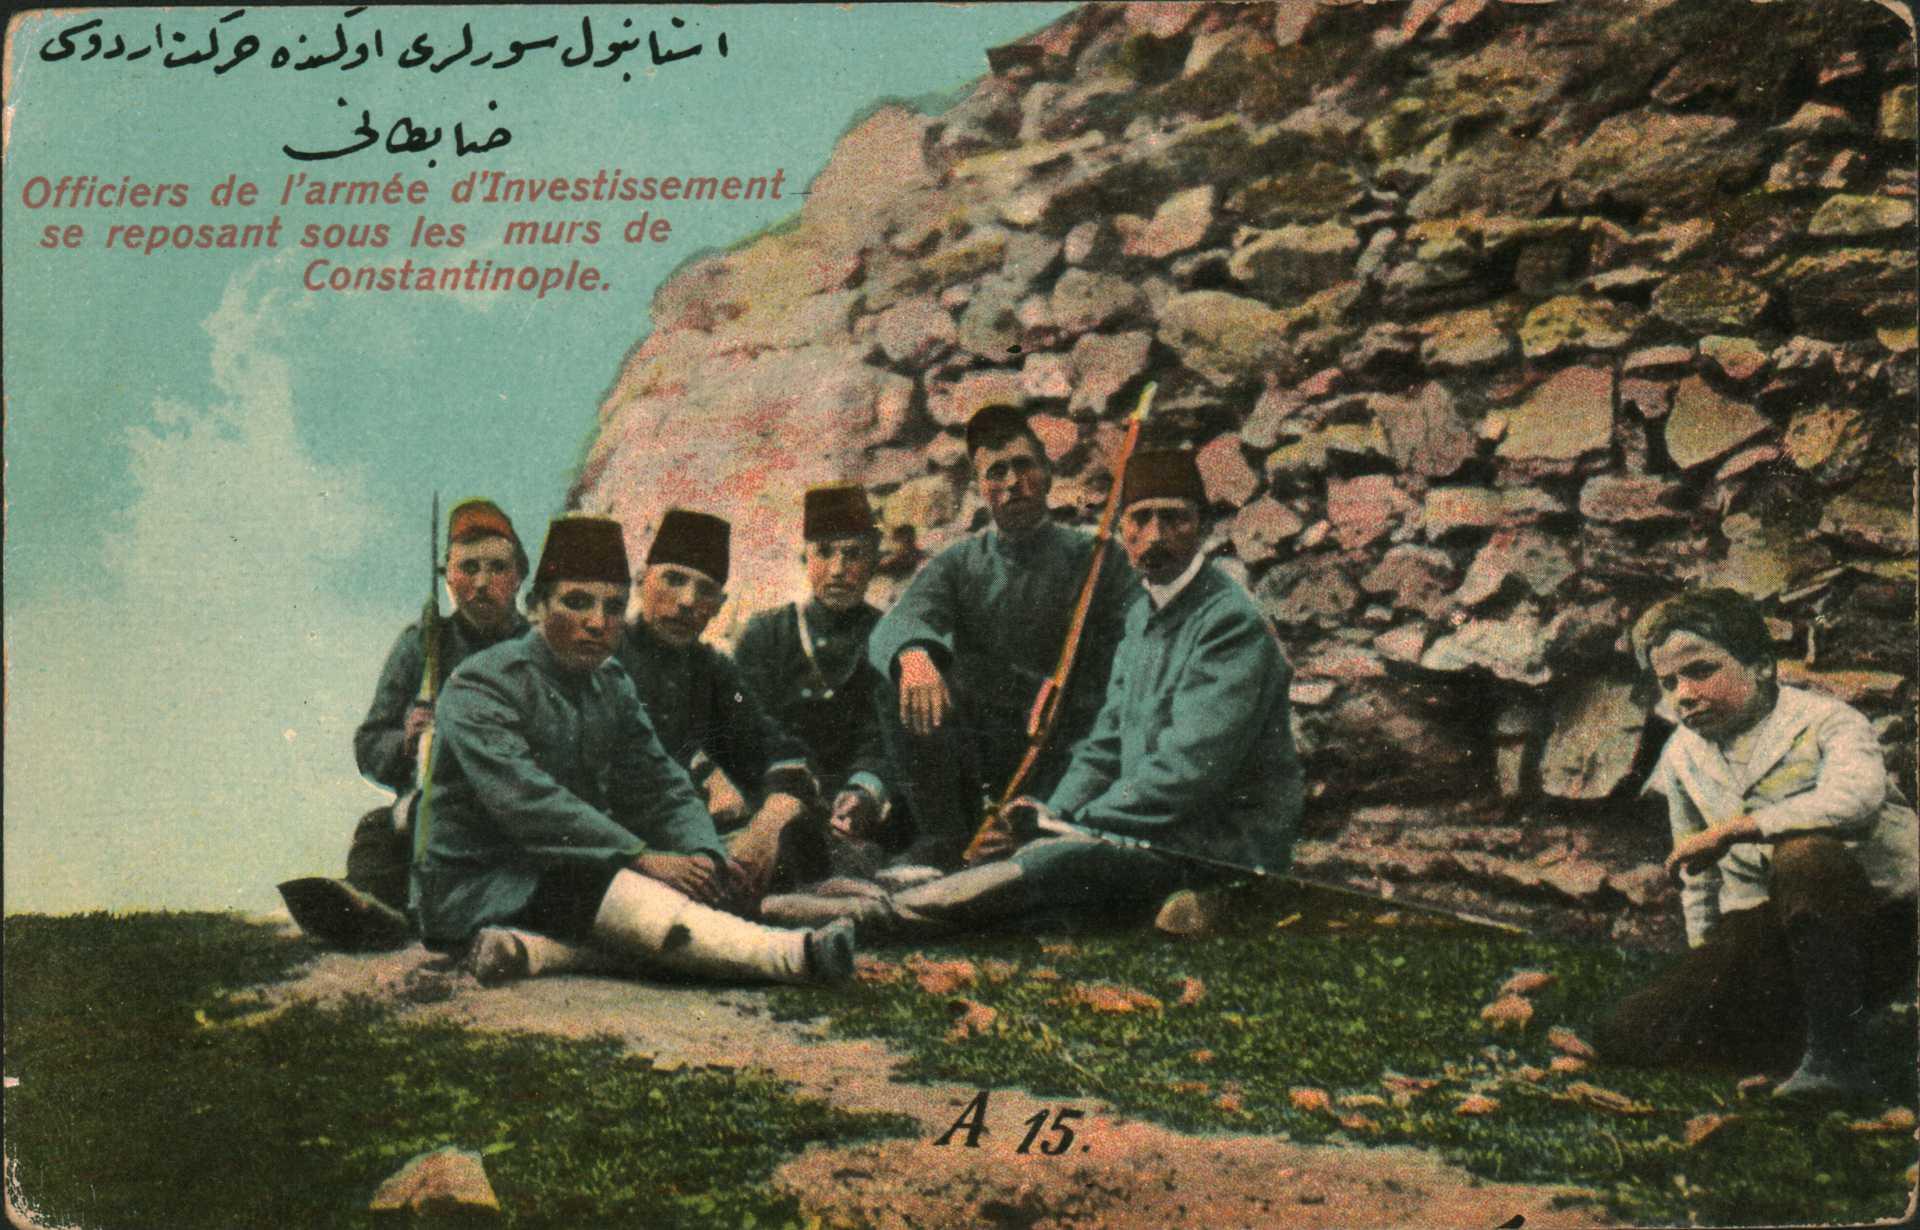 Officiers de l'armee d'ınvestissement se reposant sous les murs de Constantinople